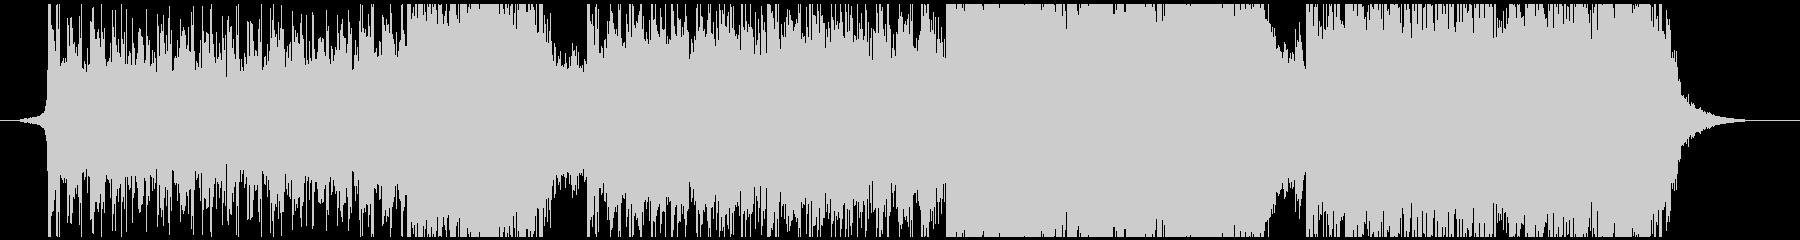 現代的 交響曲 室内楽 コーポレー...の未再生の波形